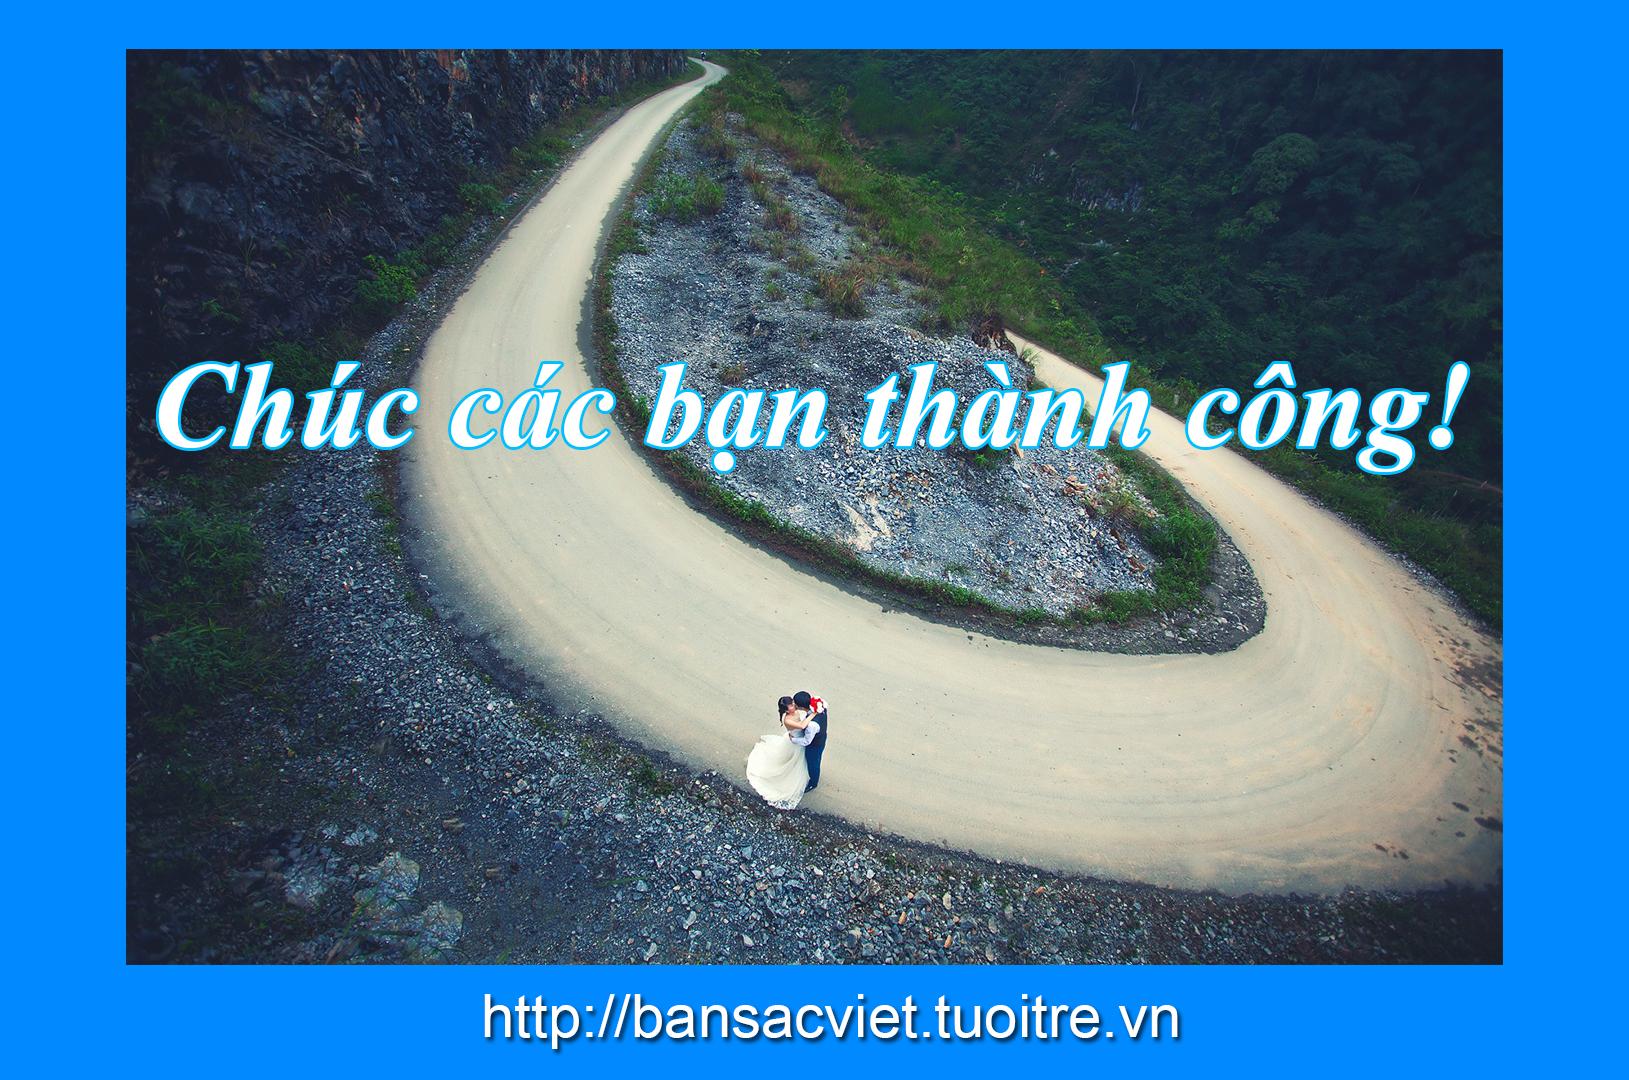 Gửi ảnh, clip, bài thi Tận hưởng bản sắc Việt lần 2 để rinh giải thưởng lớn - Ảnh 16.